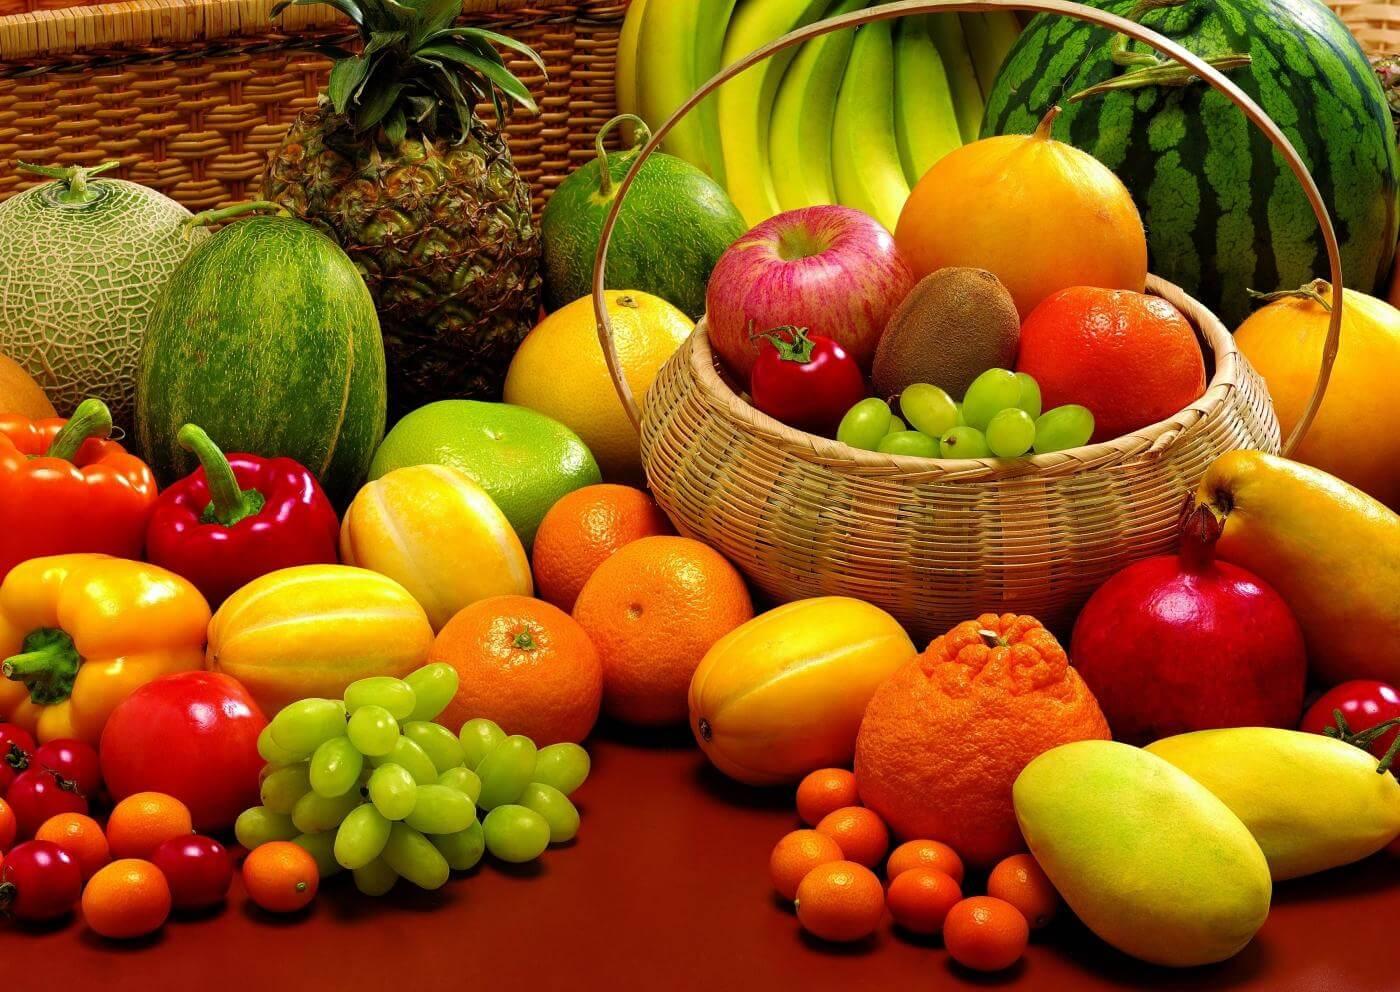 რომელი სეზონური ხილით შეგიძლიათ გაიძლიეროთ იმუნიტეტი